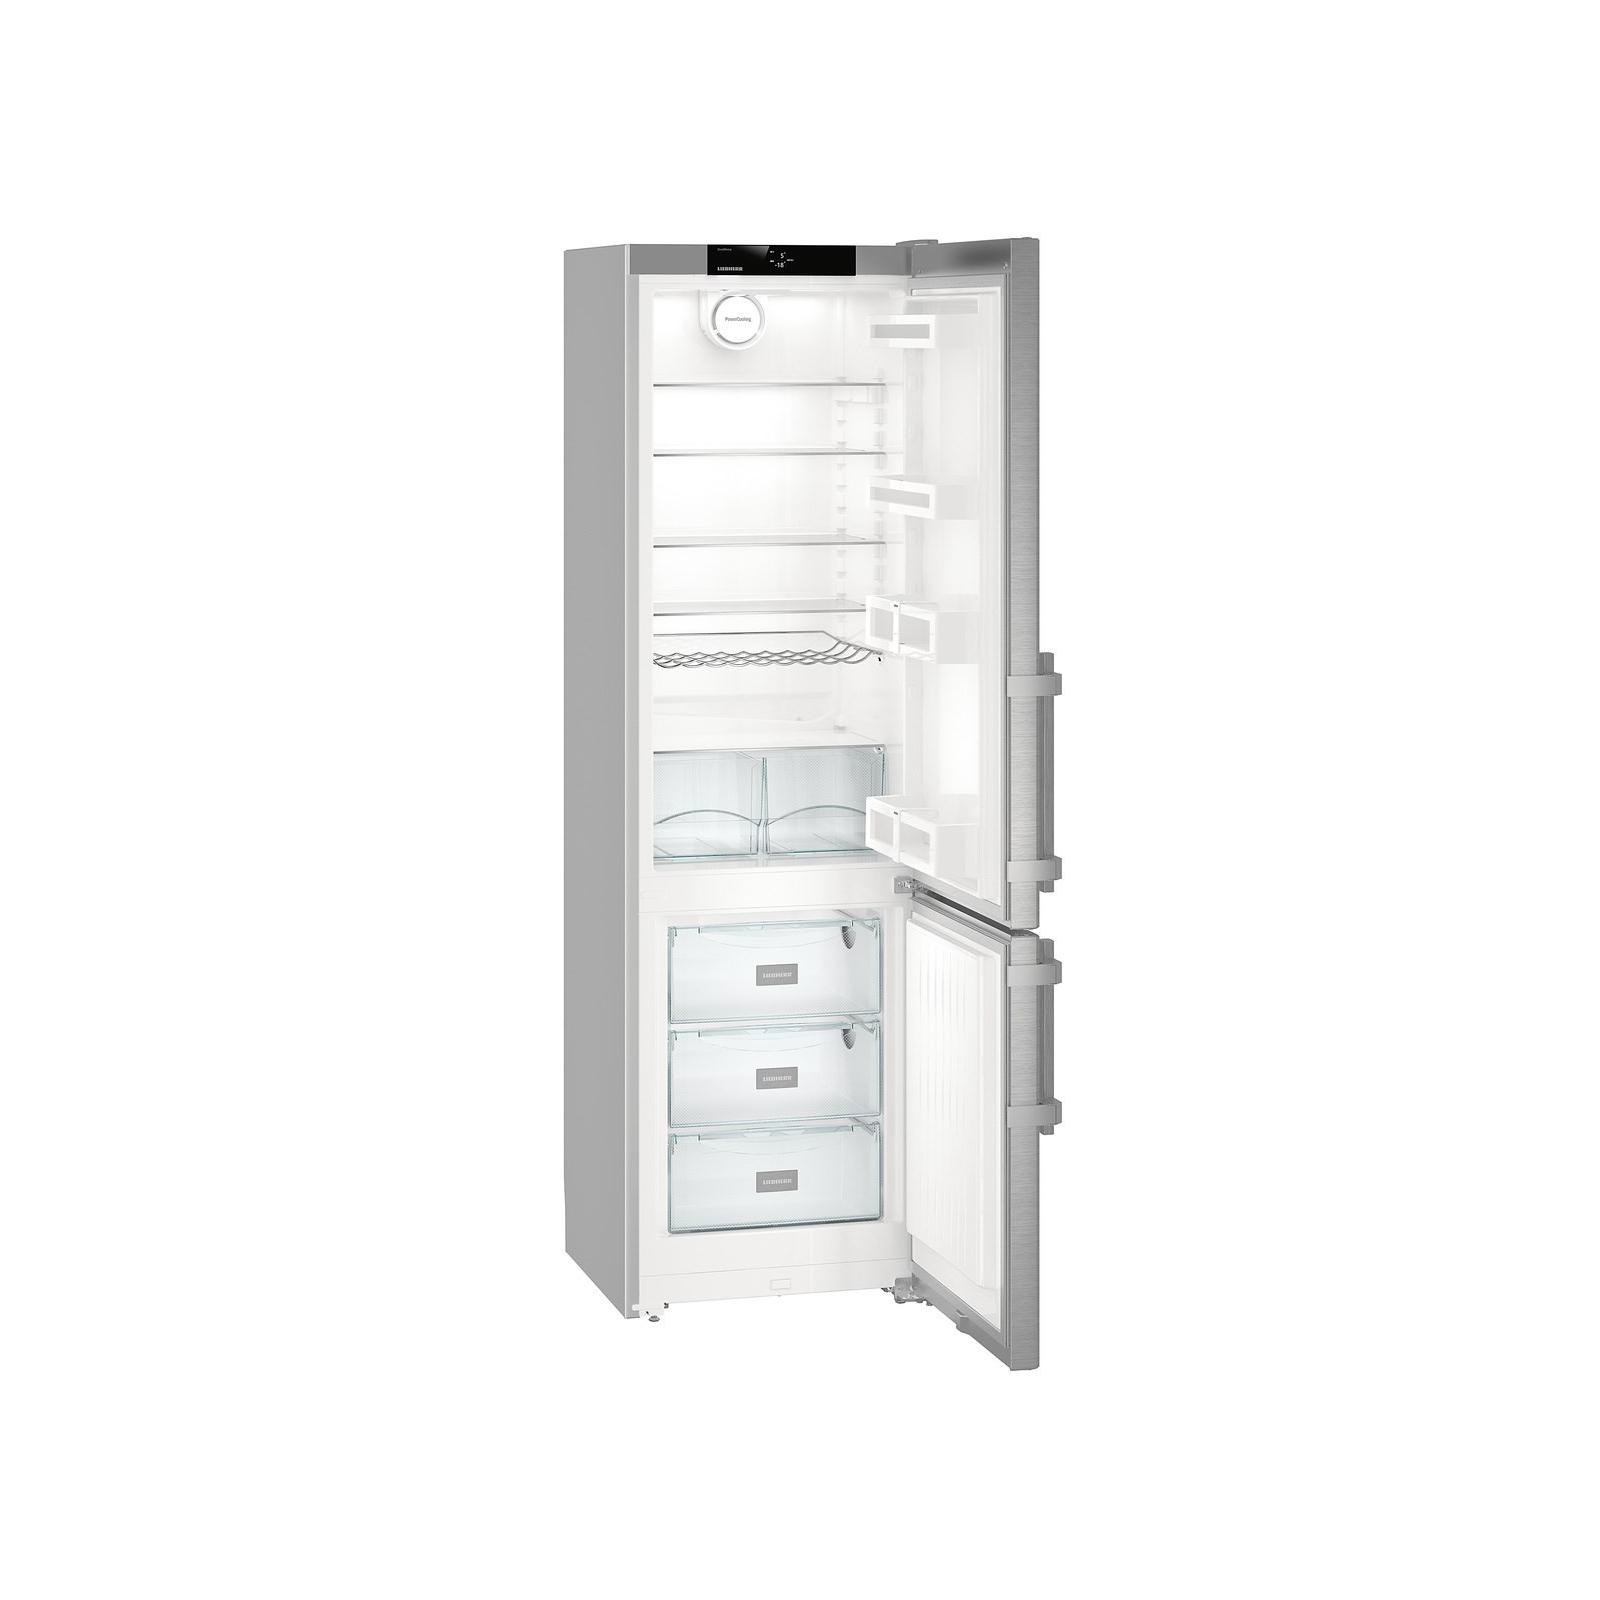 Холодильник Liebherr Cef 3825 изображение 3